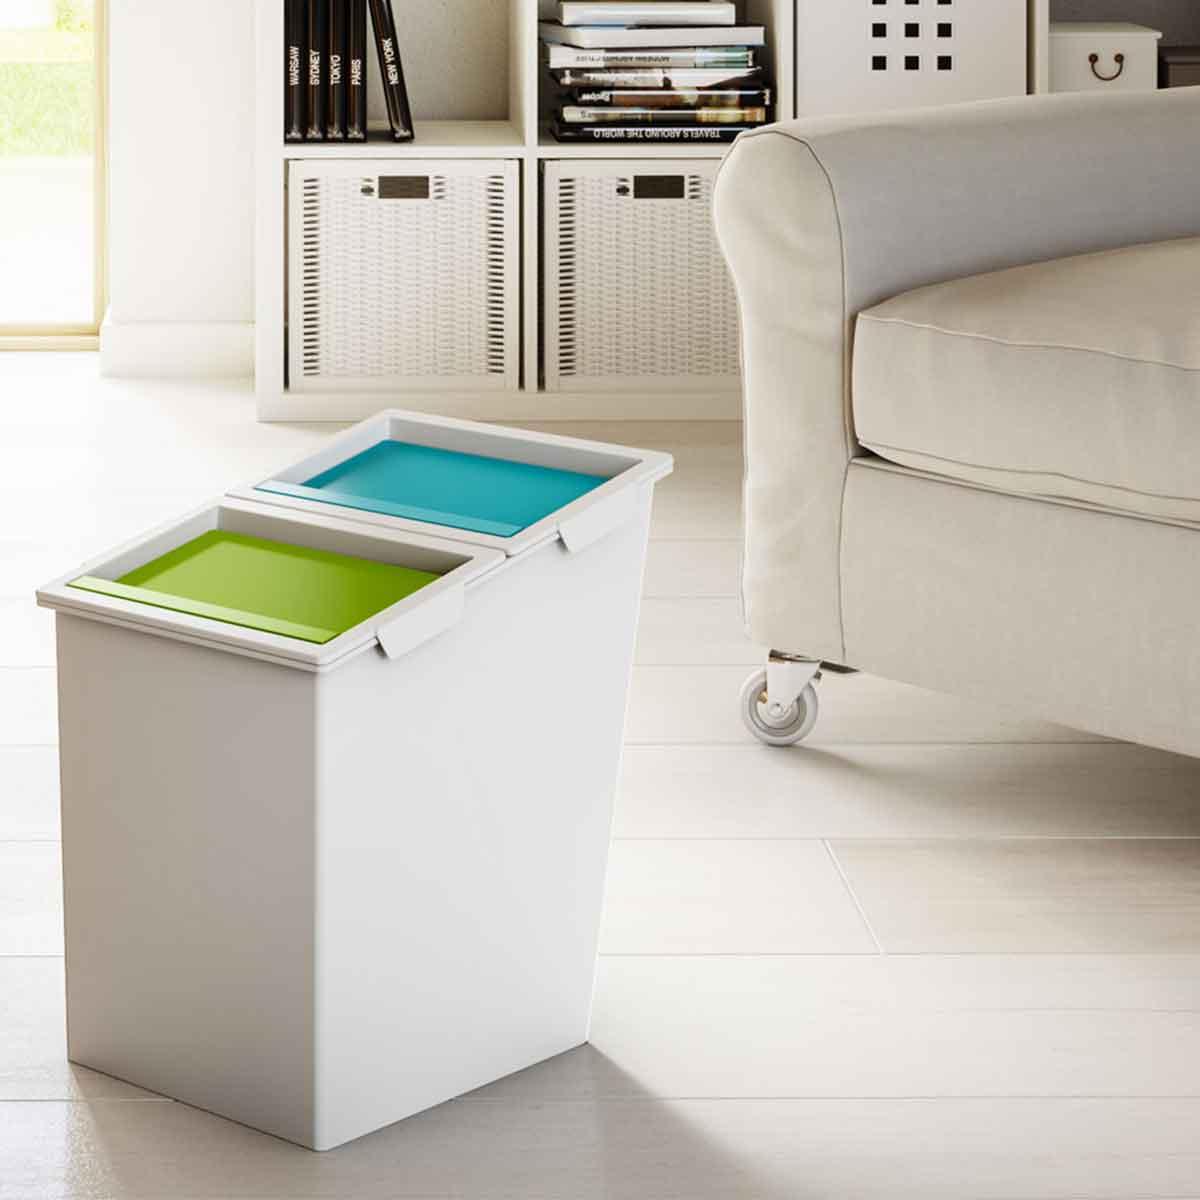 Poubelle de bureau en plastique blanc avec 2 compartiments et couvercles colorés bleu et vert et poignée arrière